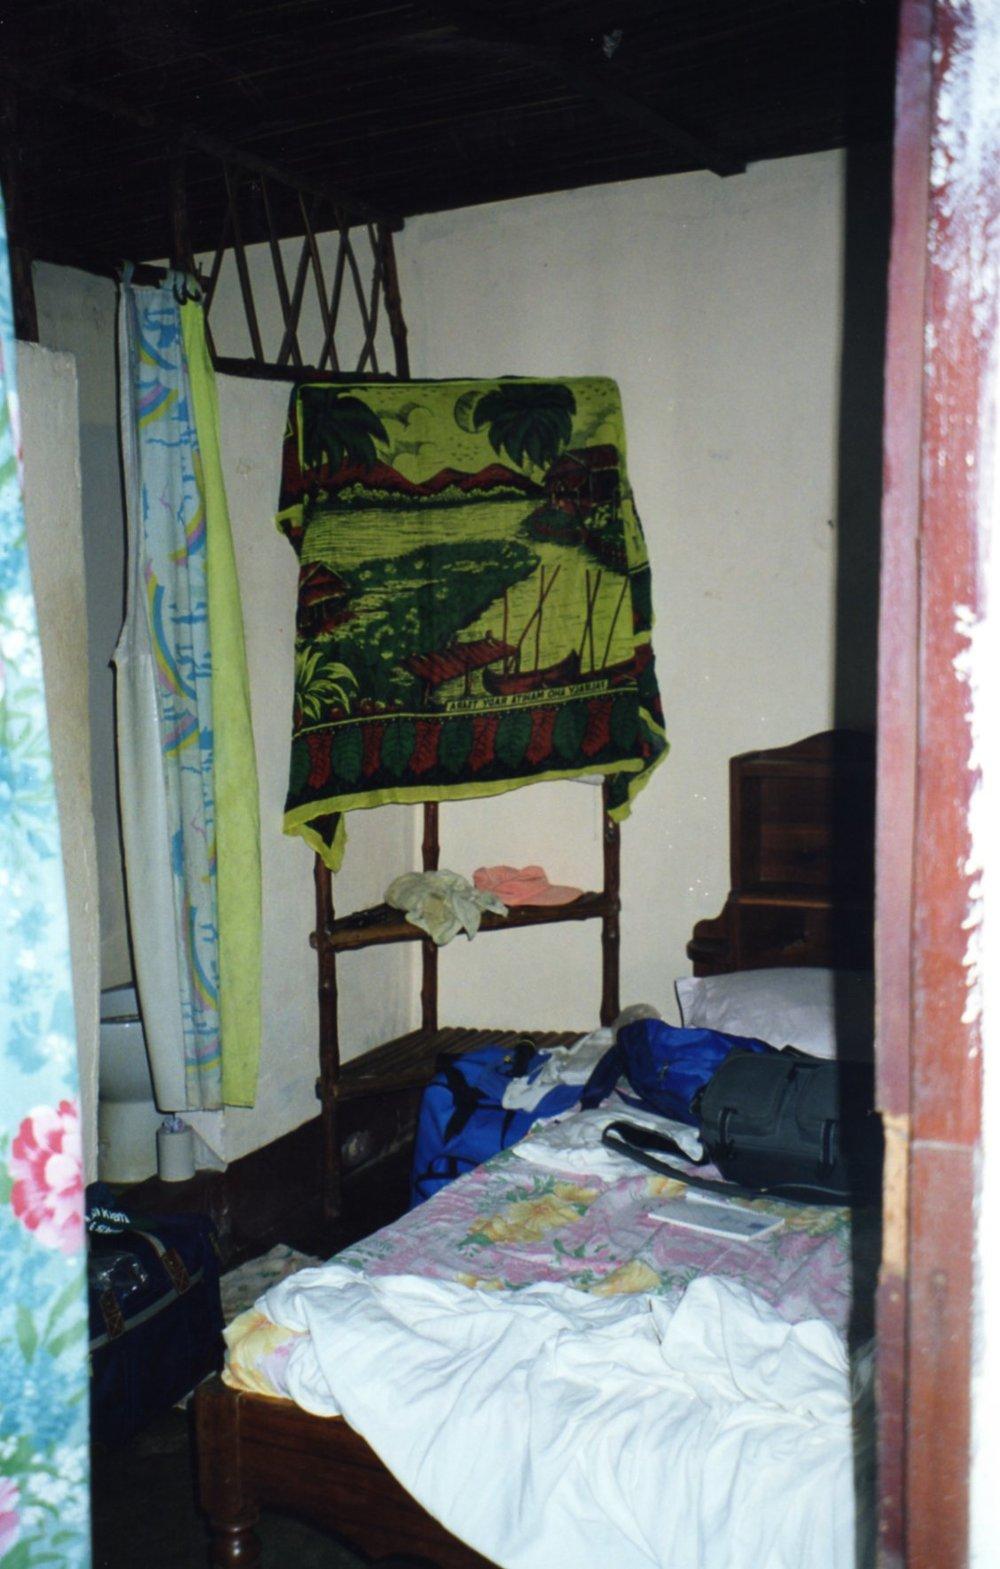 Take a peek through the curtains - no seat on the toilet